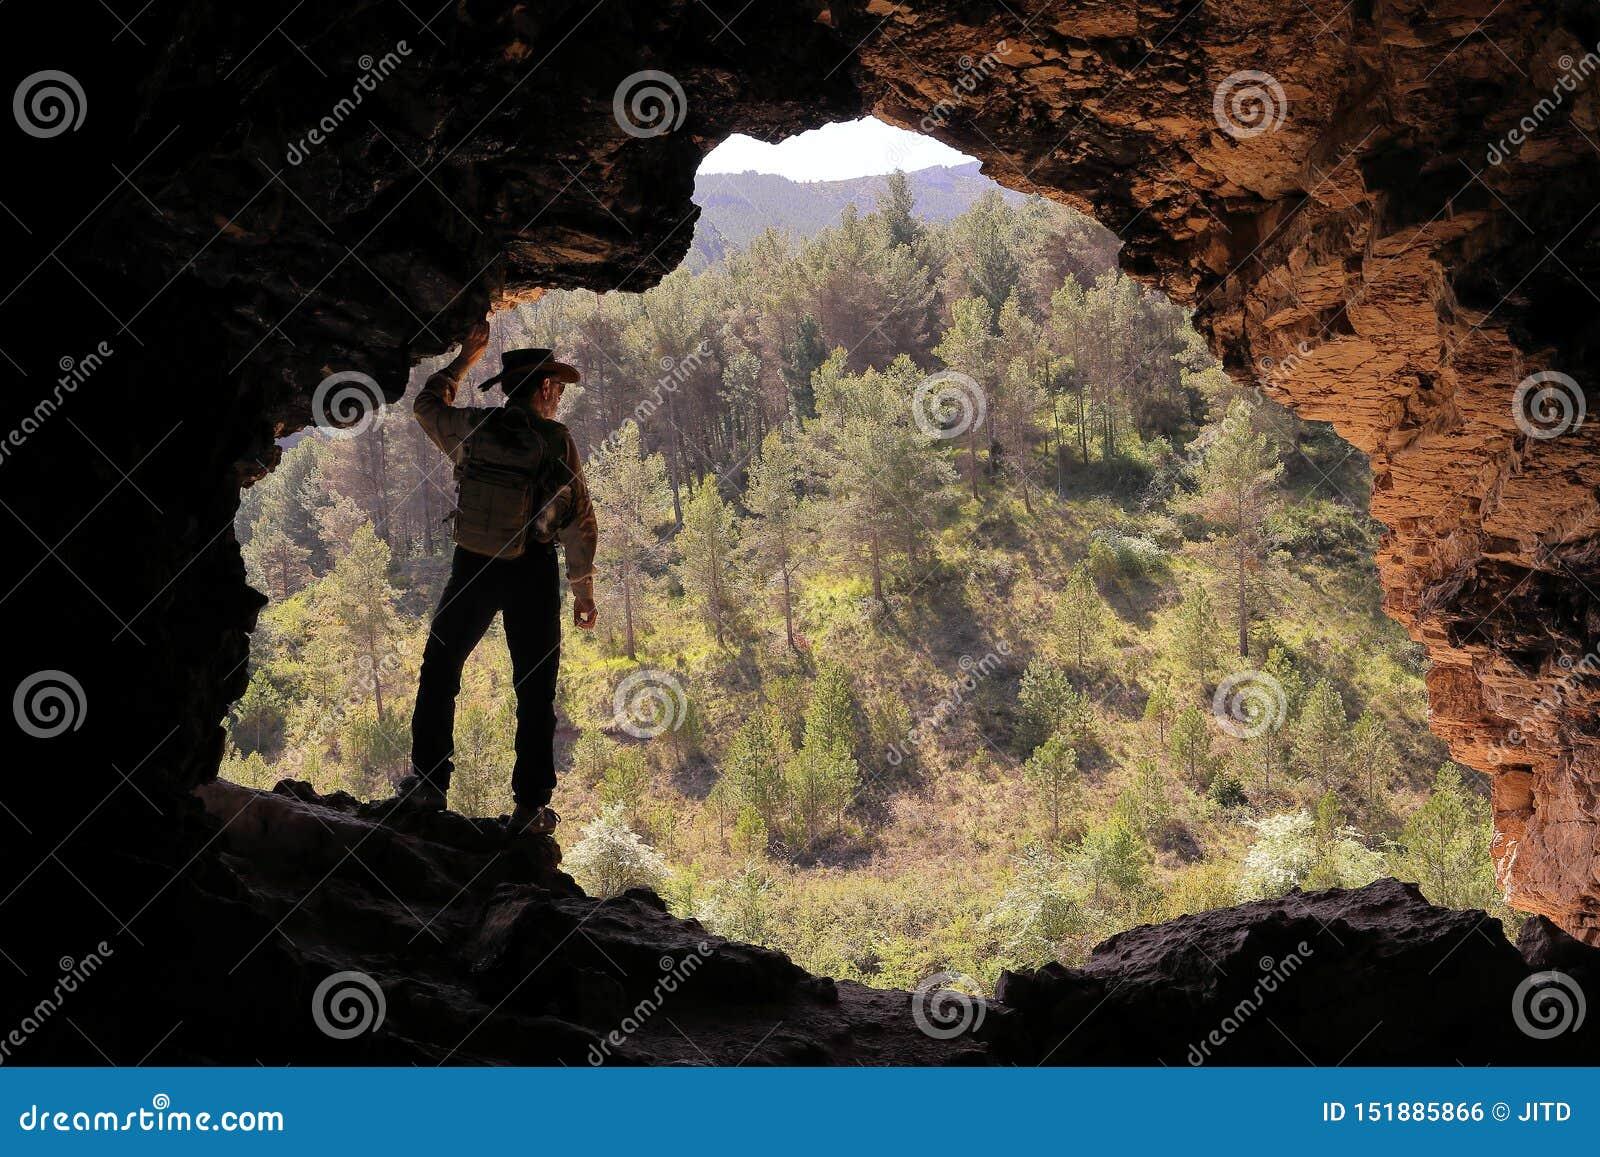 有澳大利亚帽子和背包的探险家在洞的入口观看森林的